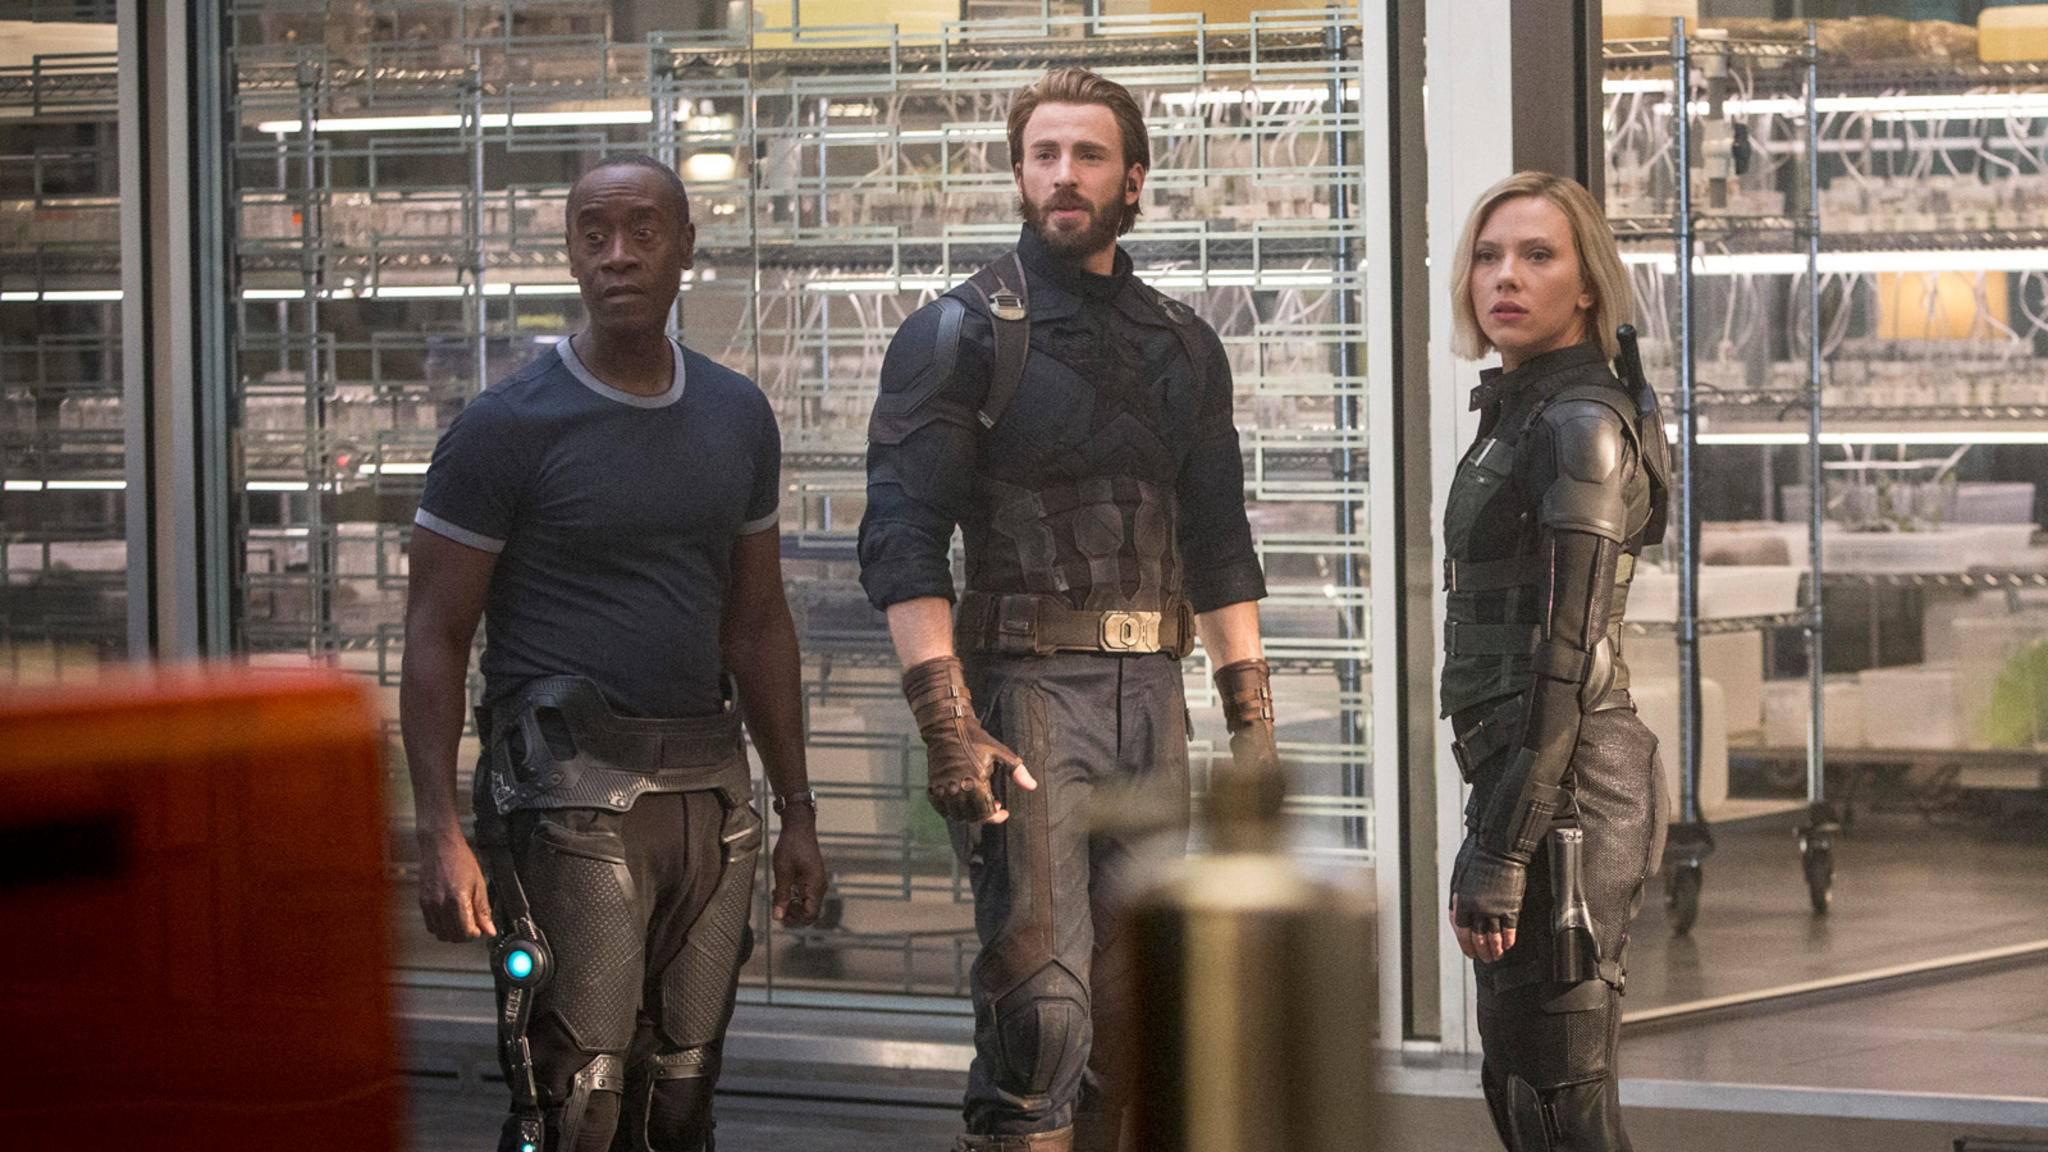 """Was, wirklich? Jap, die Extras zu """"Avengers: Infinity War"""" enthüllen gleich mehrere pikante Details."""